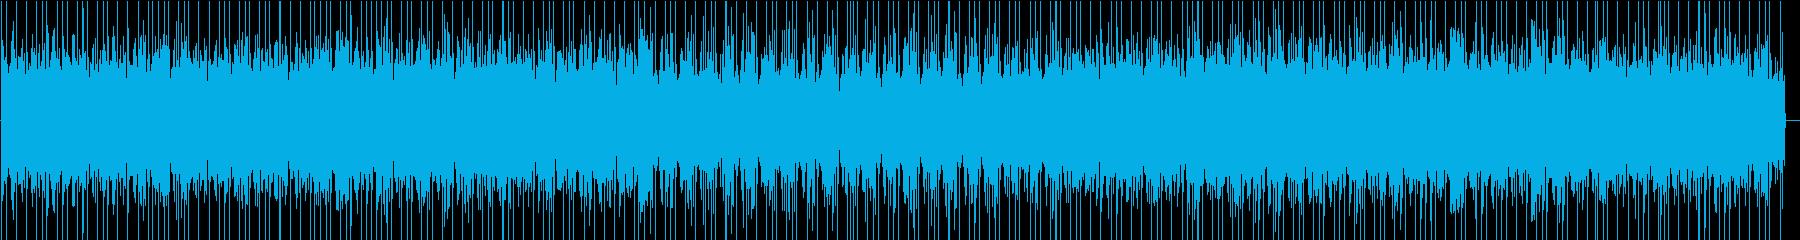 犯人を追跡している時のBGMの再生済みの波形